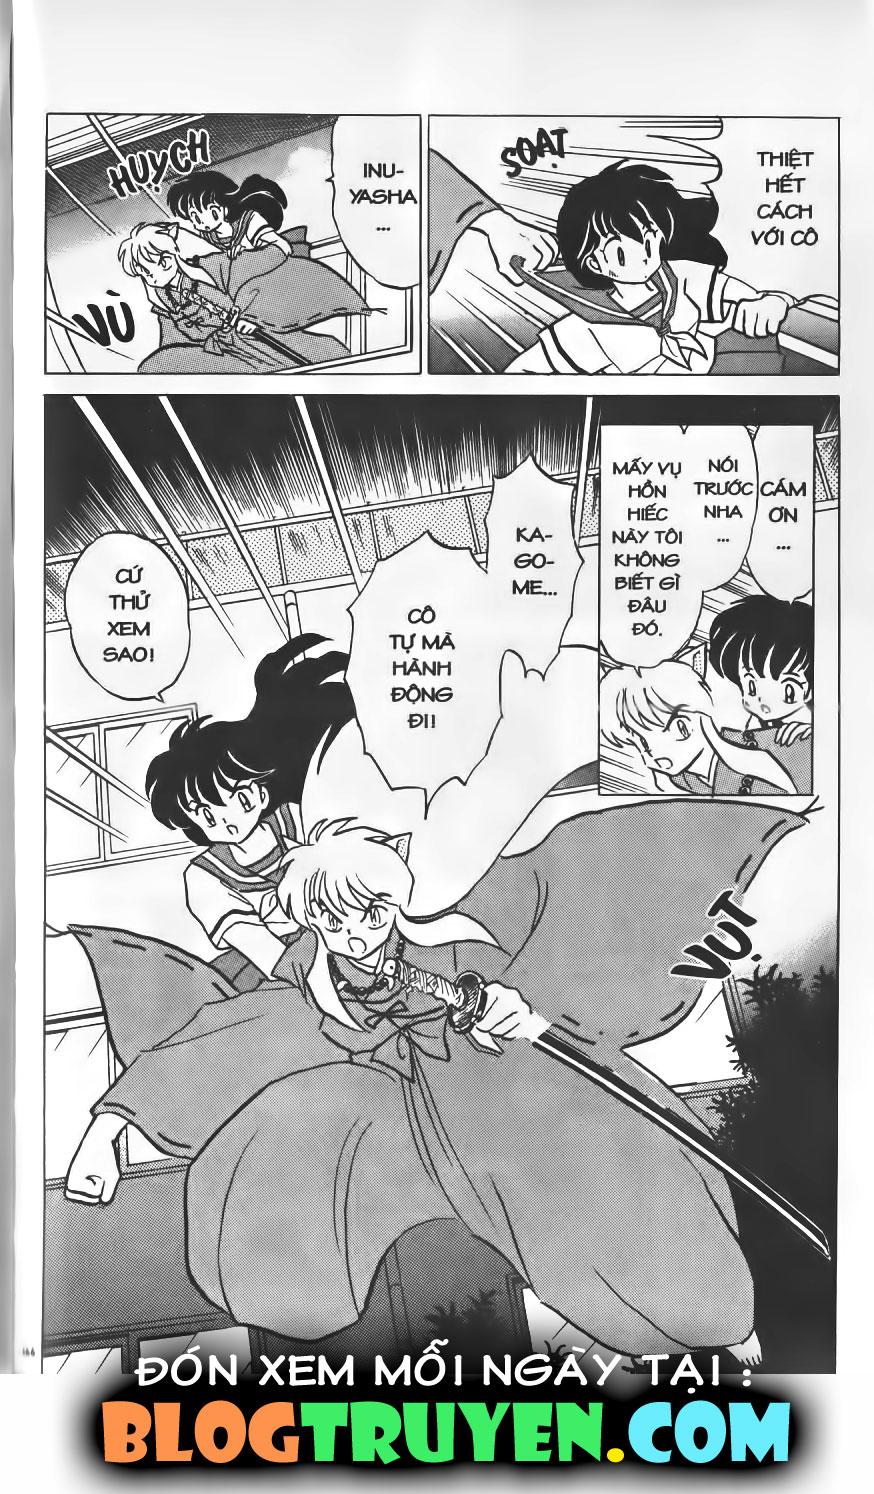 Inuyasha vol 04.9 trang 19